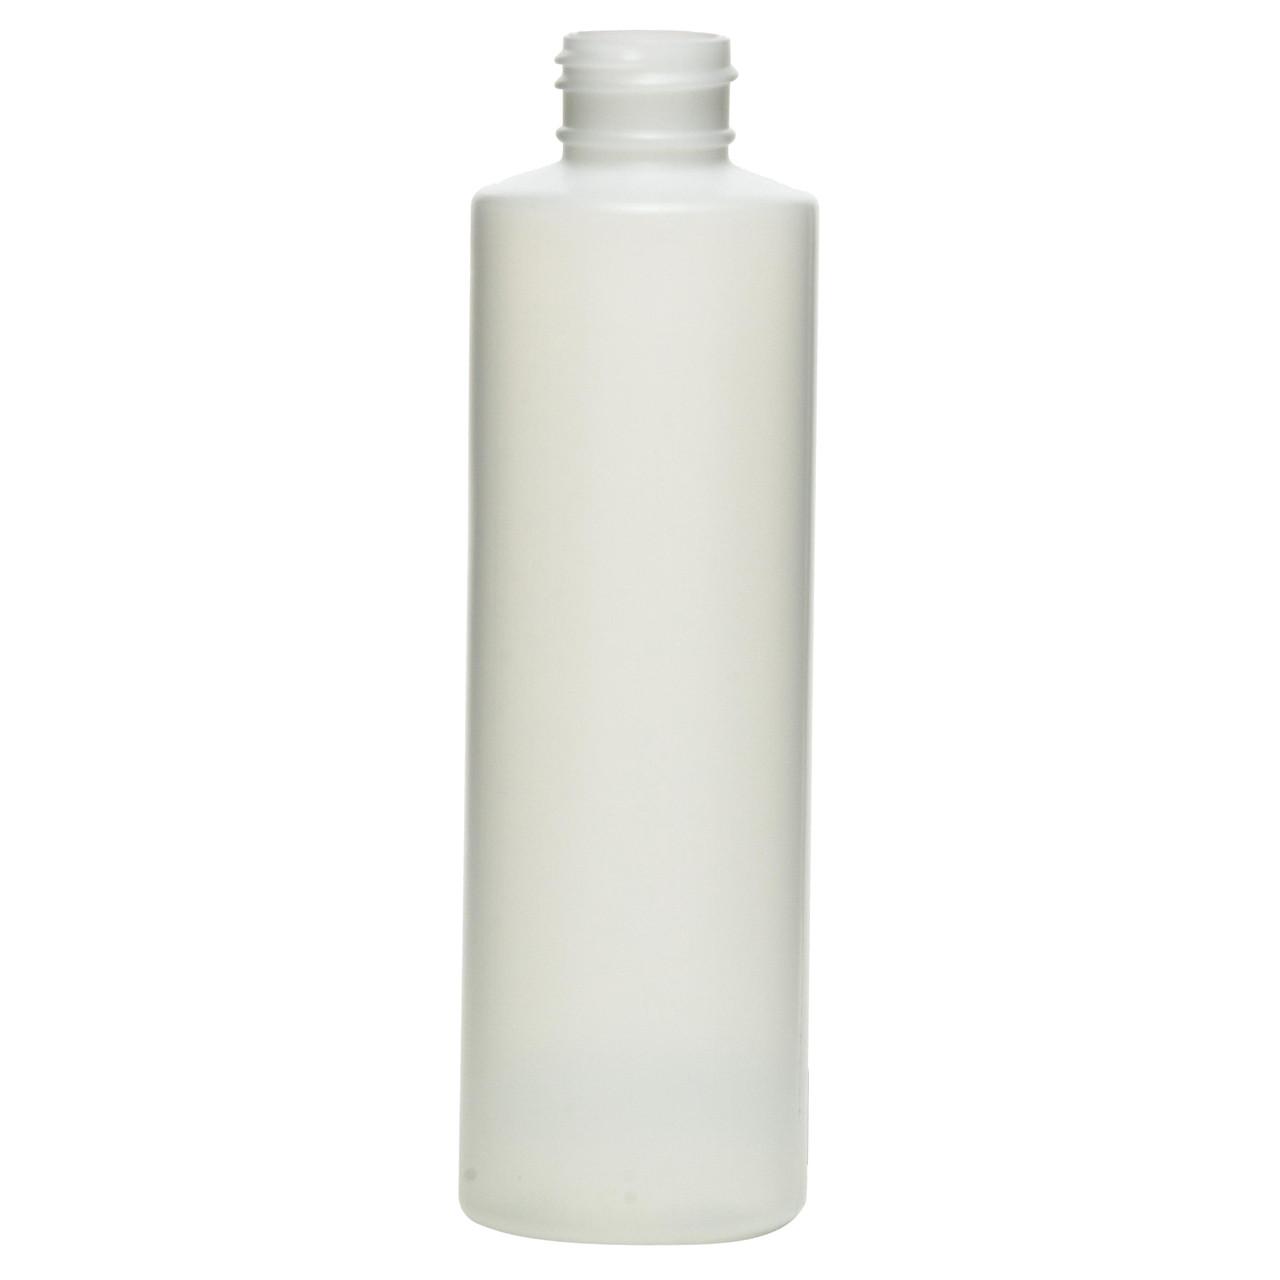 hdpe plastic cylinder bottles